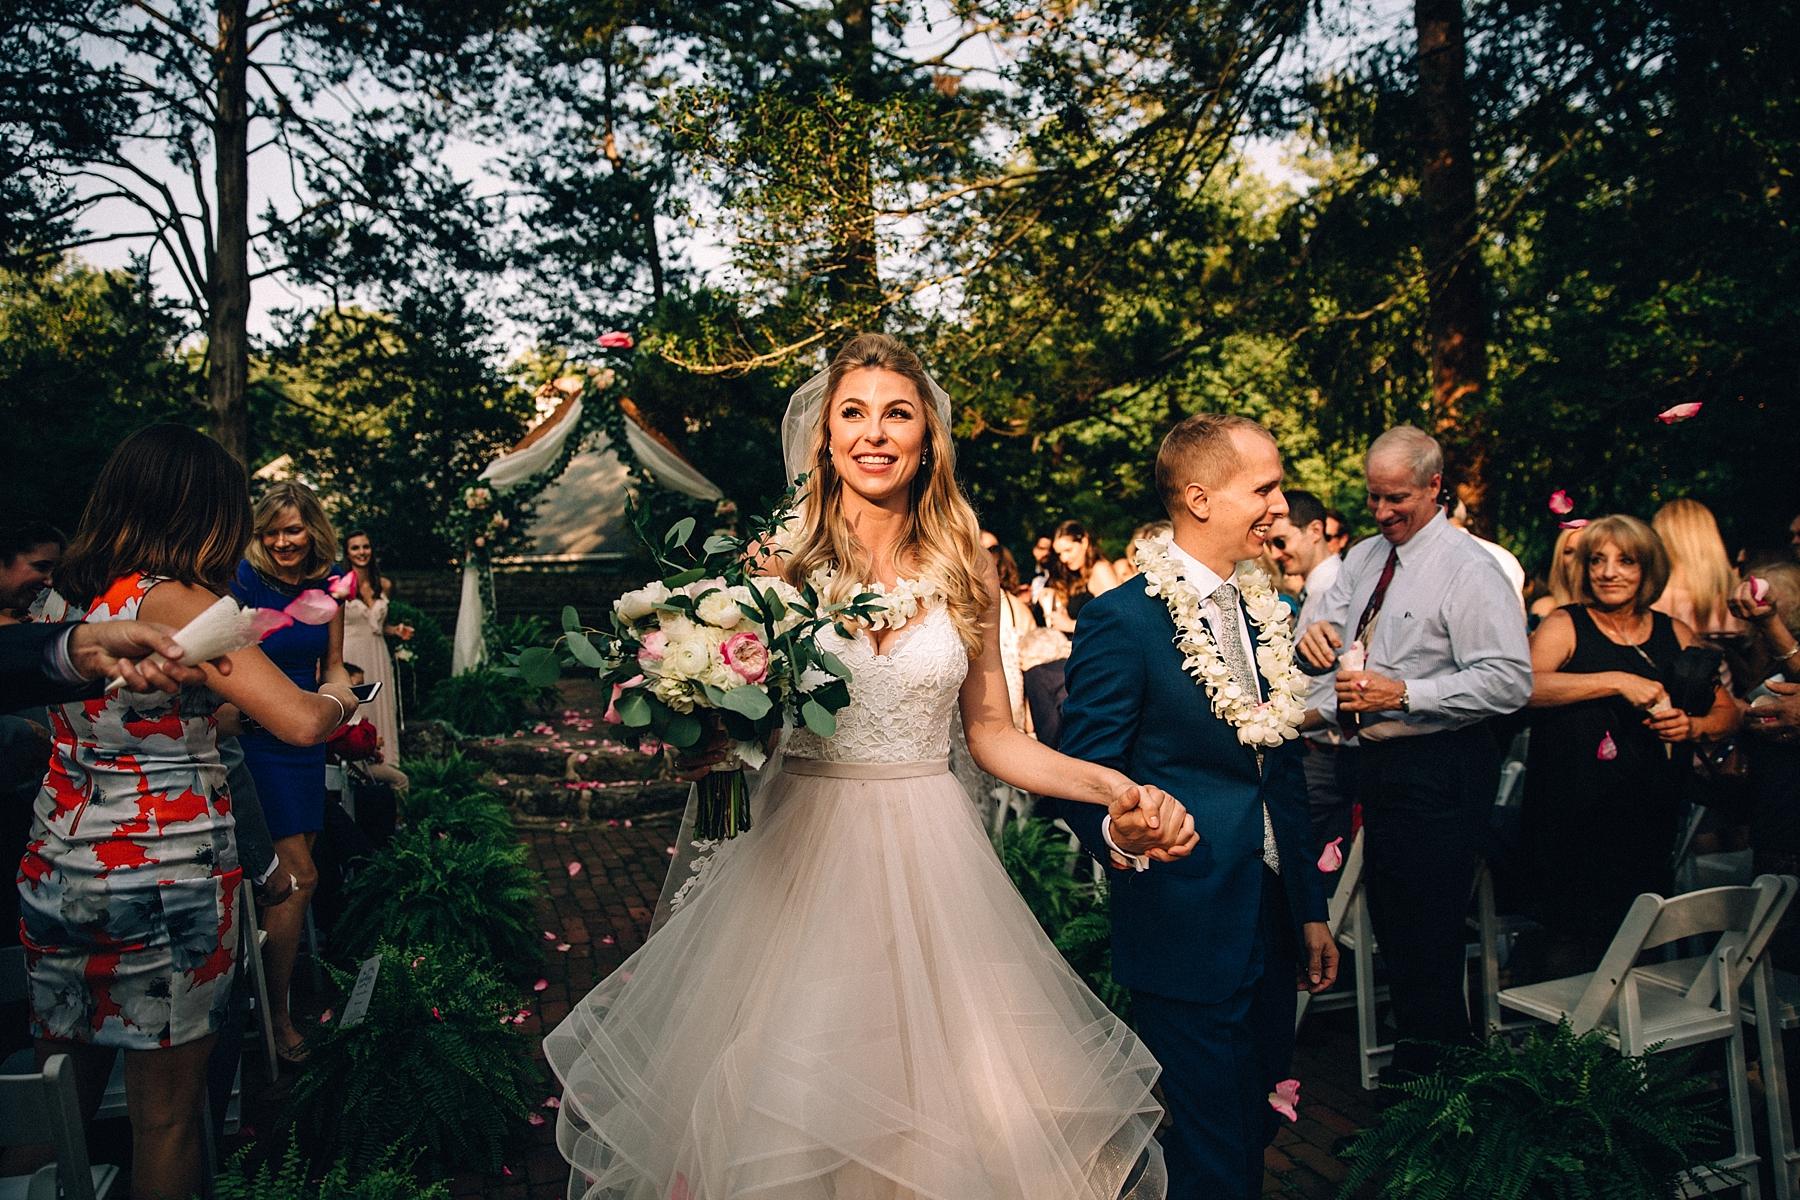 childhood-home-wedding-new-hope-pa-lambertville-nj_0061.jpg